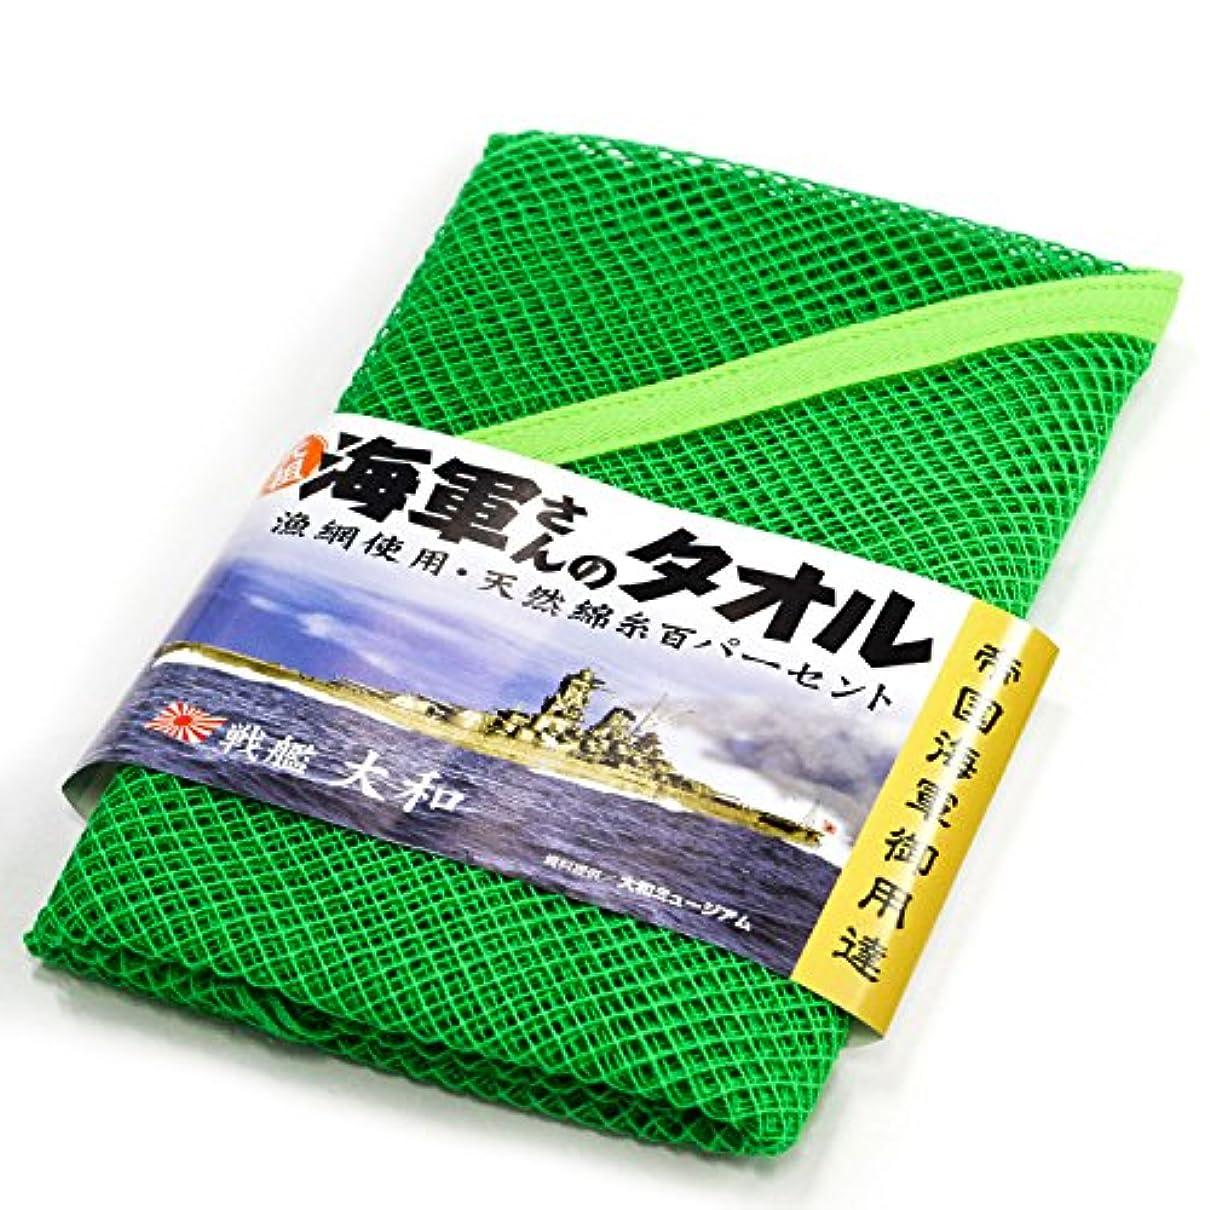 変色する最初に透ける漁網タオル【元祖 海軍さんのタオル(グリーン)】